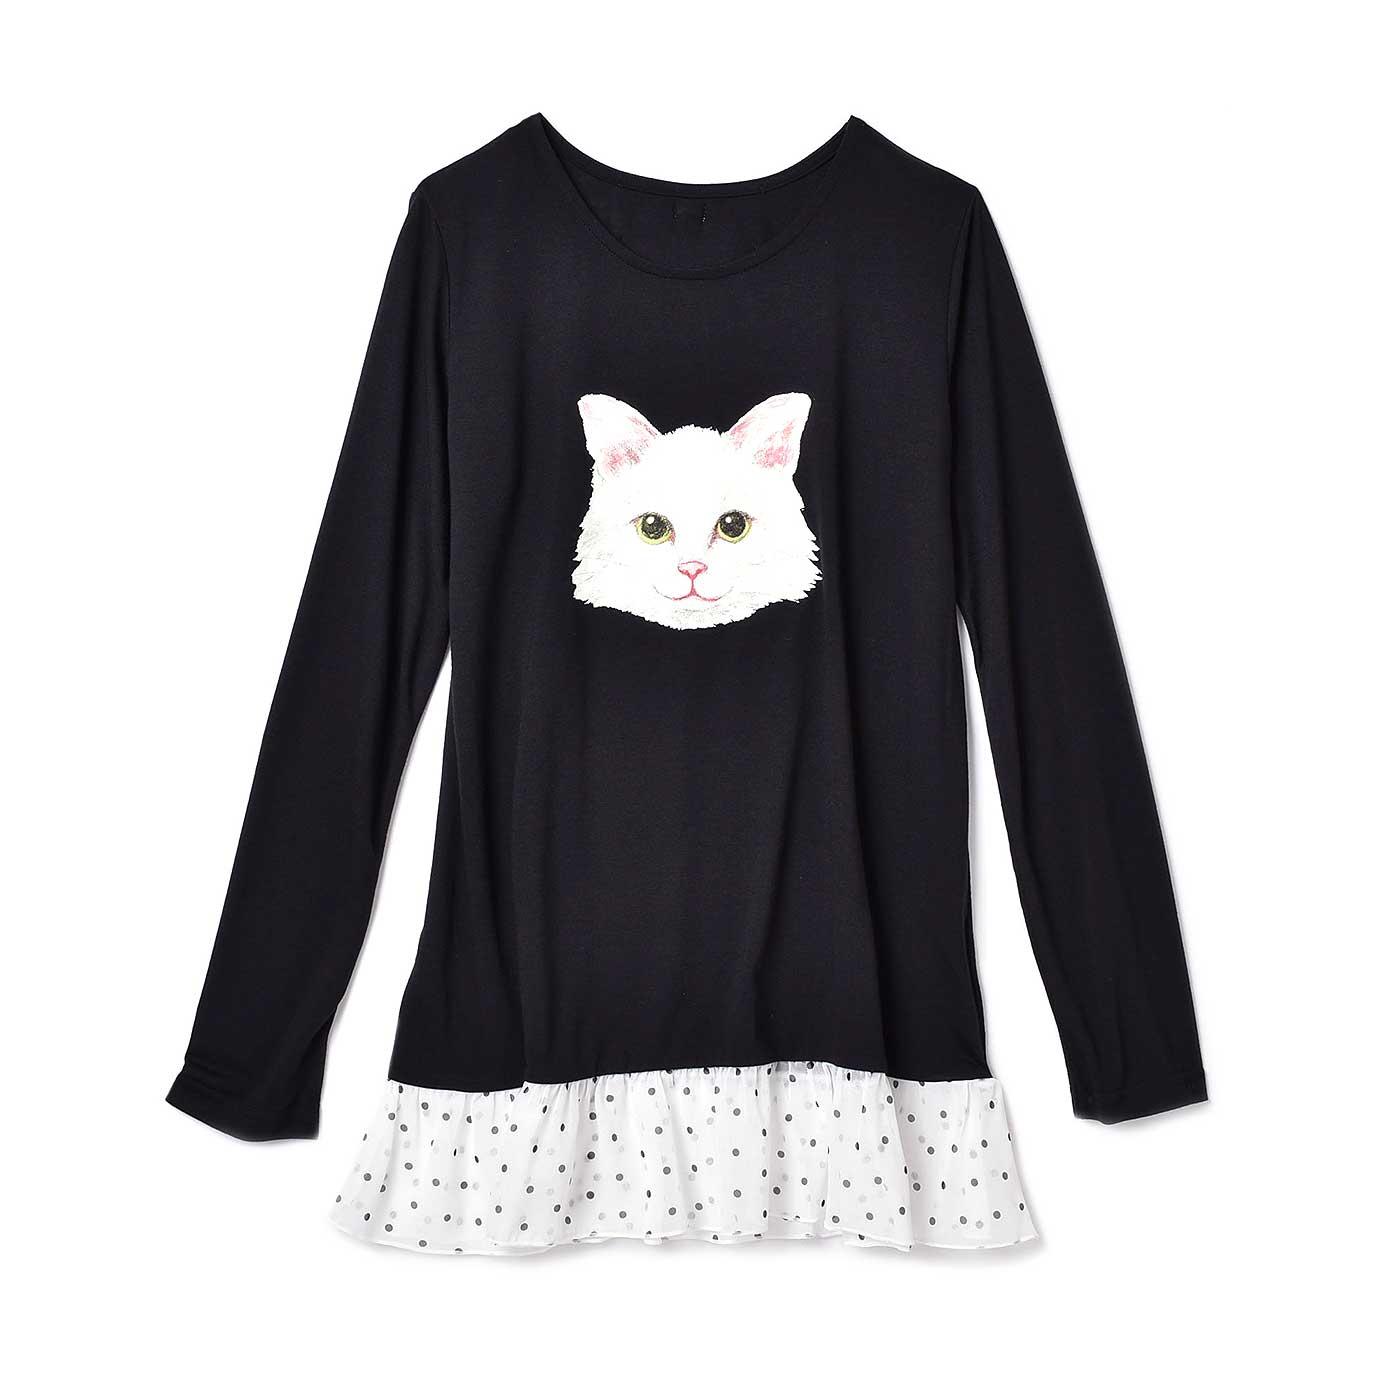 フェリシモキッズ×猫好き目線でつくった にゃんともおしゃれな長袖トップス〈レディース〉〈ブラック×ホワイト〉